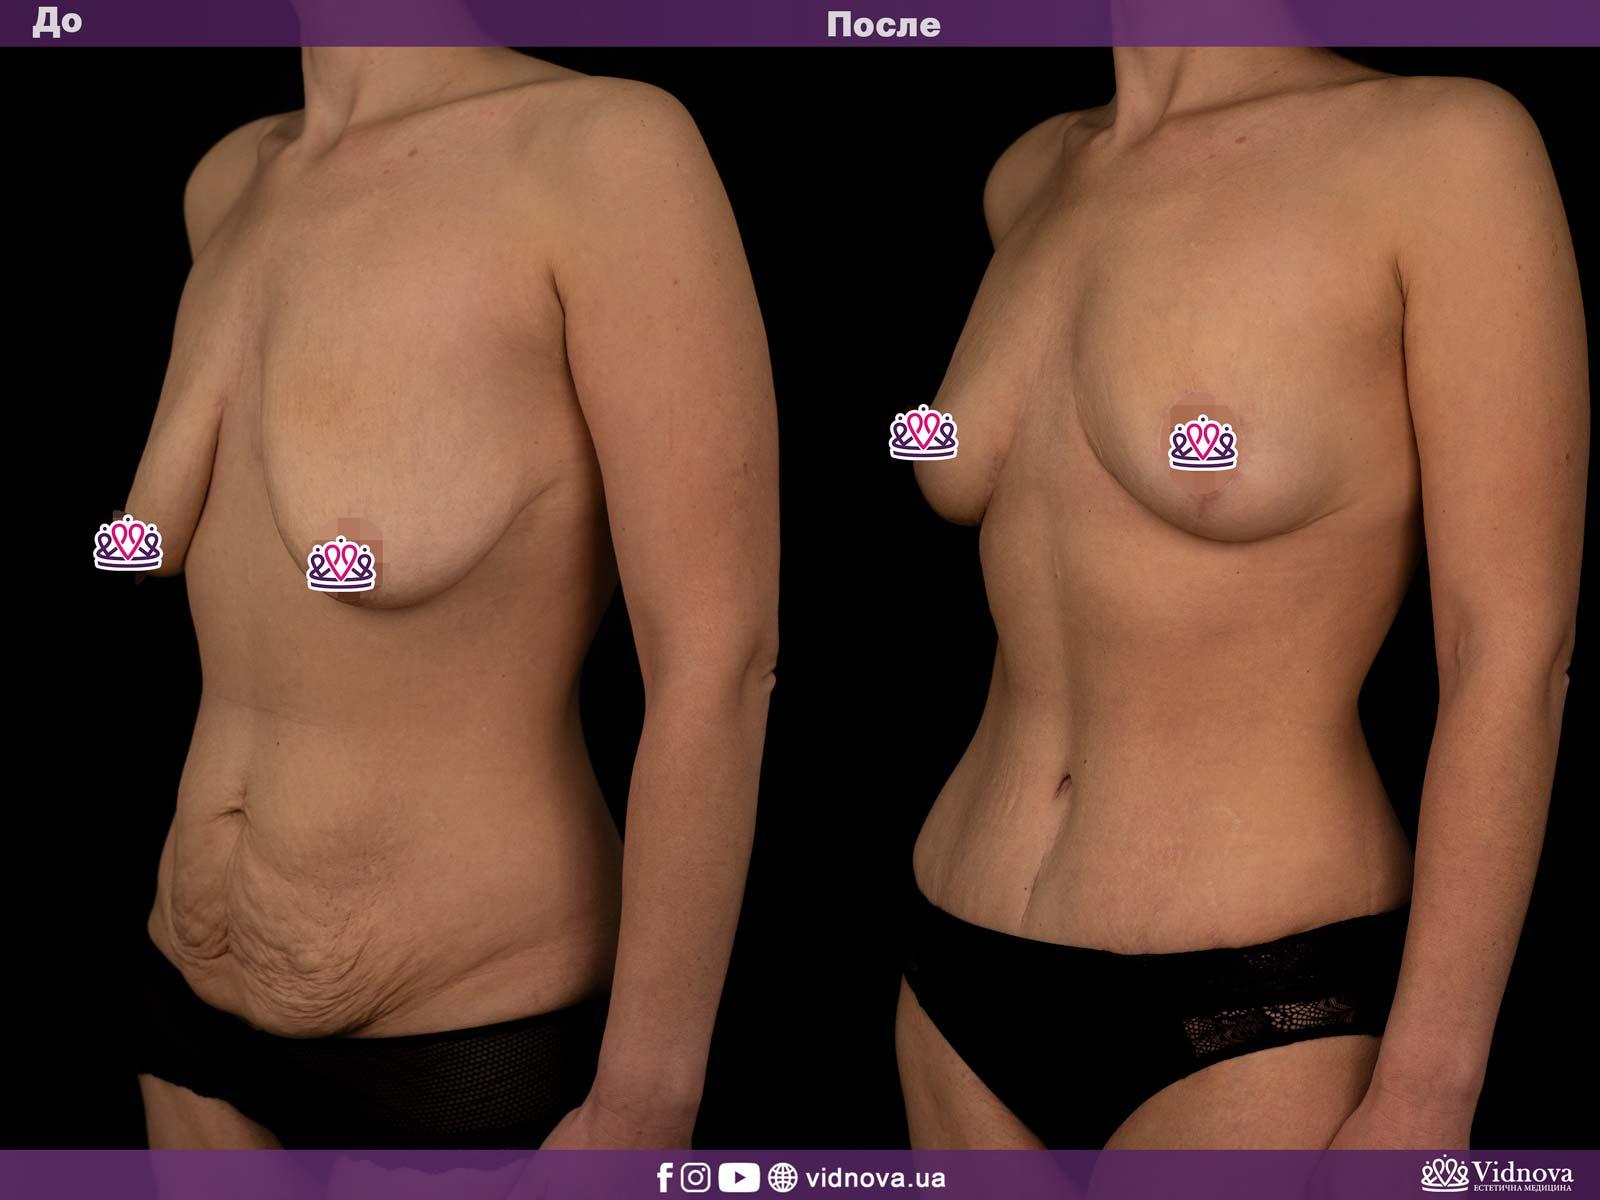 Совмещенные операции: Фото До и После - Пример №1-3 - Клиника Vidnova